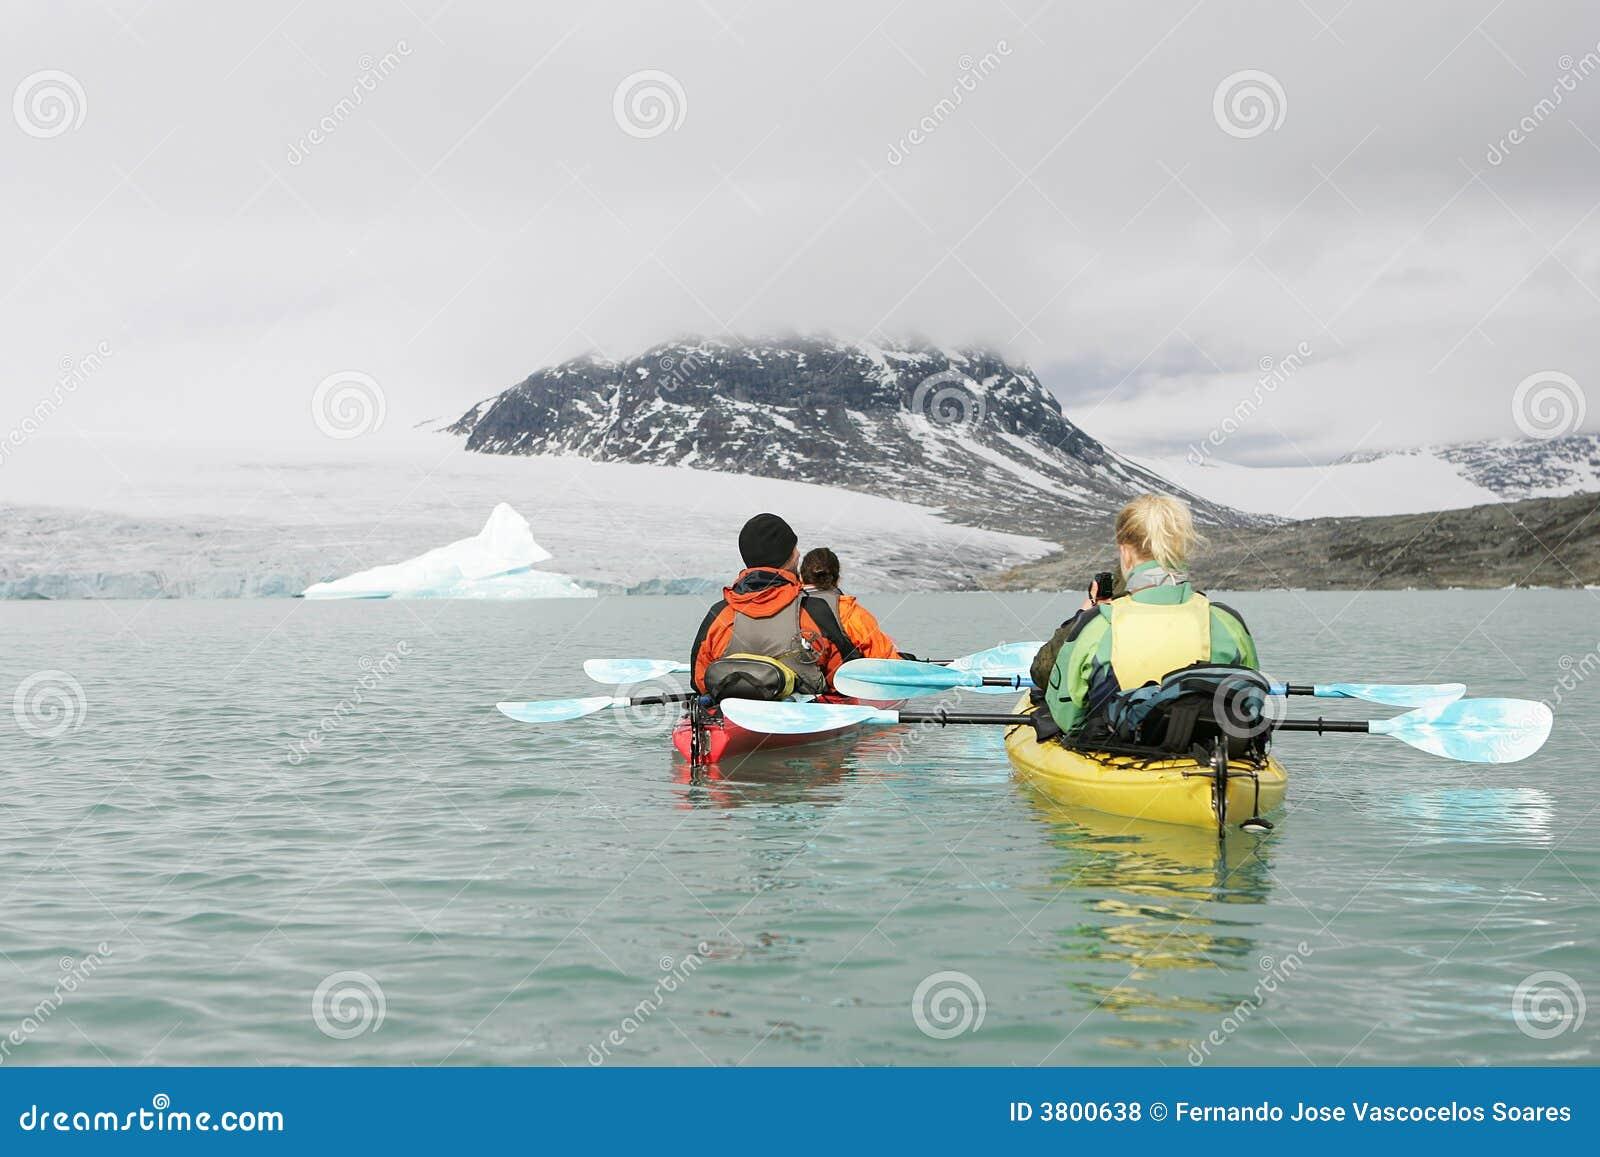 Kayaking in Noorwegen